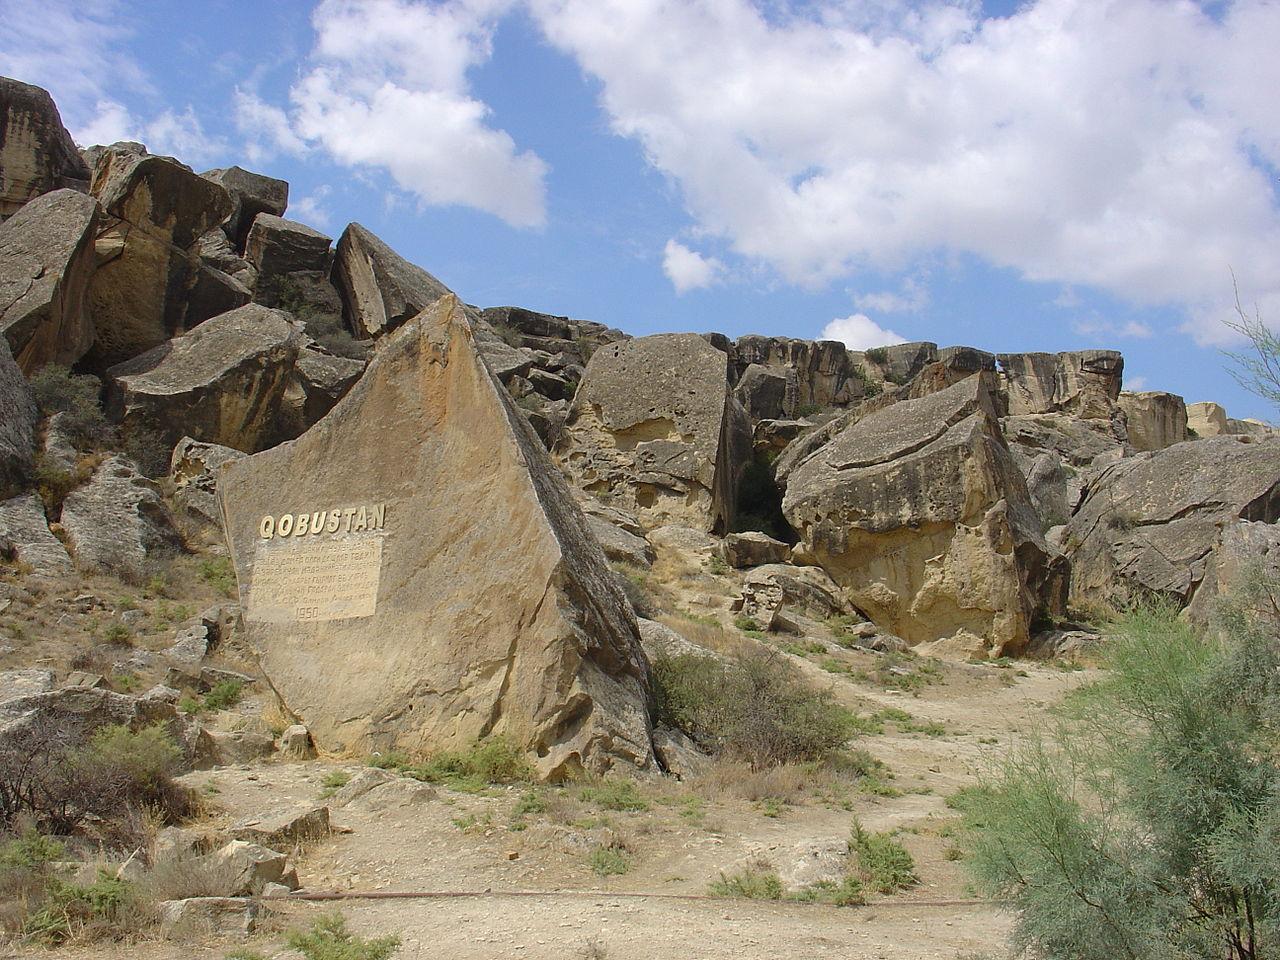 Гобустанский заповедник, вход в археологический заповедник